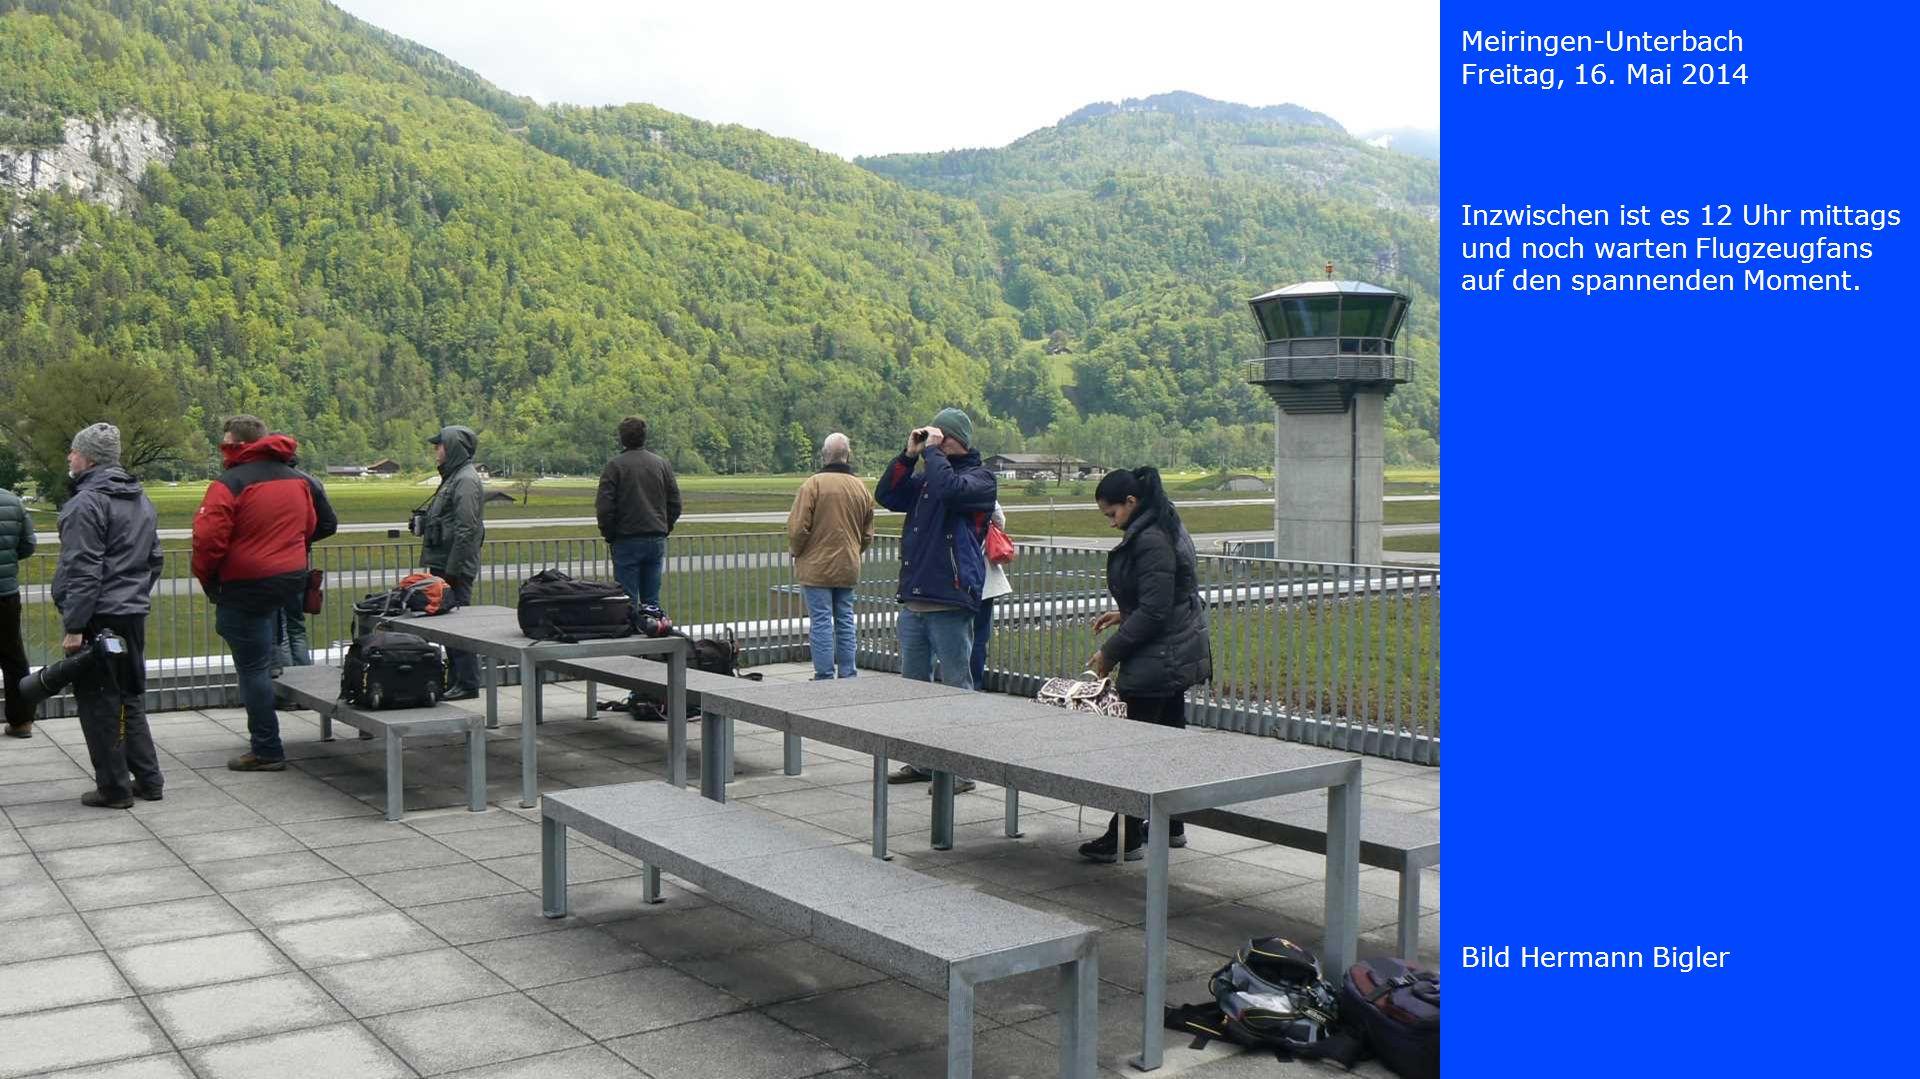 Meiringen-Unterbach Freitag, 16. Mai 2014. Inzwischen ist es 12 Uhr mittags und noch warten Flugzeugfans auf den spannenden Moment.